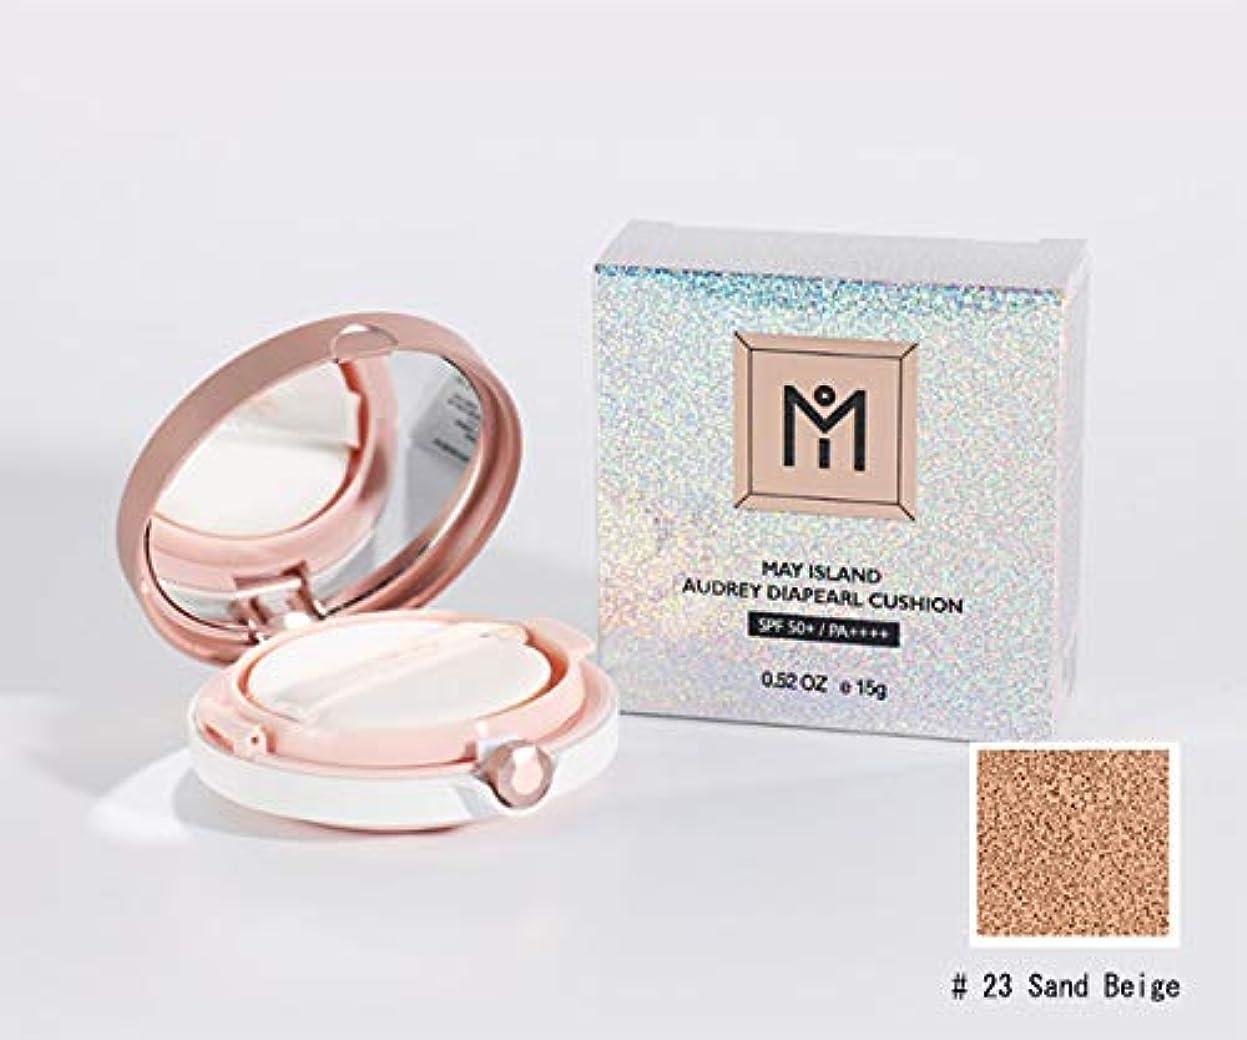 噂見えない睡眠[MAY ISLAND] AUDREY DIAPEARL CUSHION[#23.Sand Beige] ダイヤモンドパールクッション SPF50+/ PA++++[美白、シワの改善、紫外線遮断3の機能性化粧品]韓国の人気...